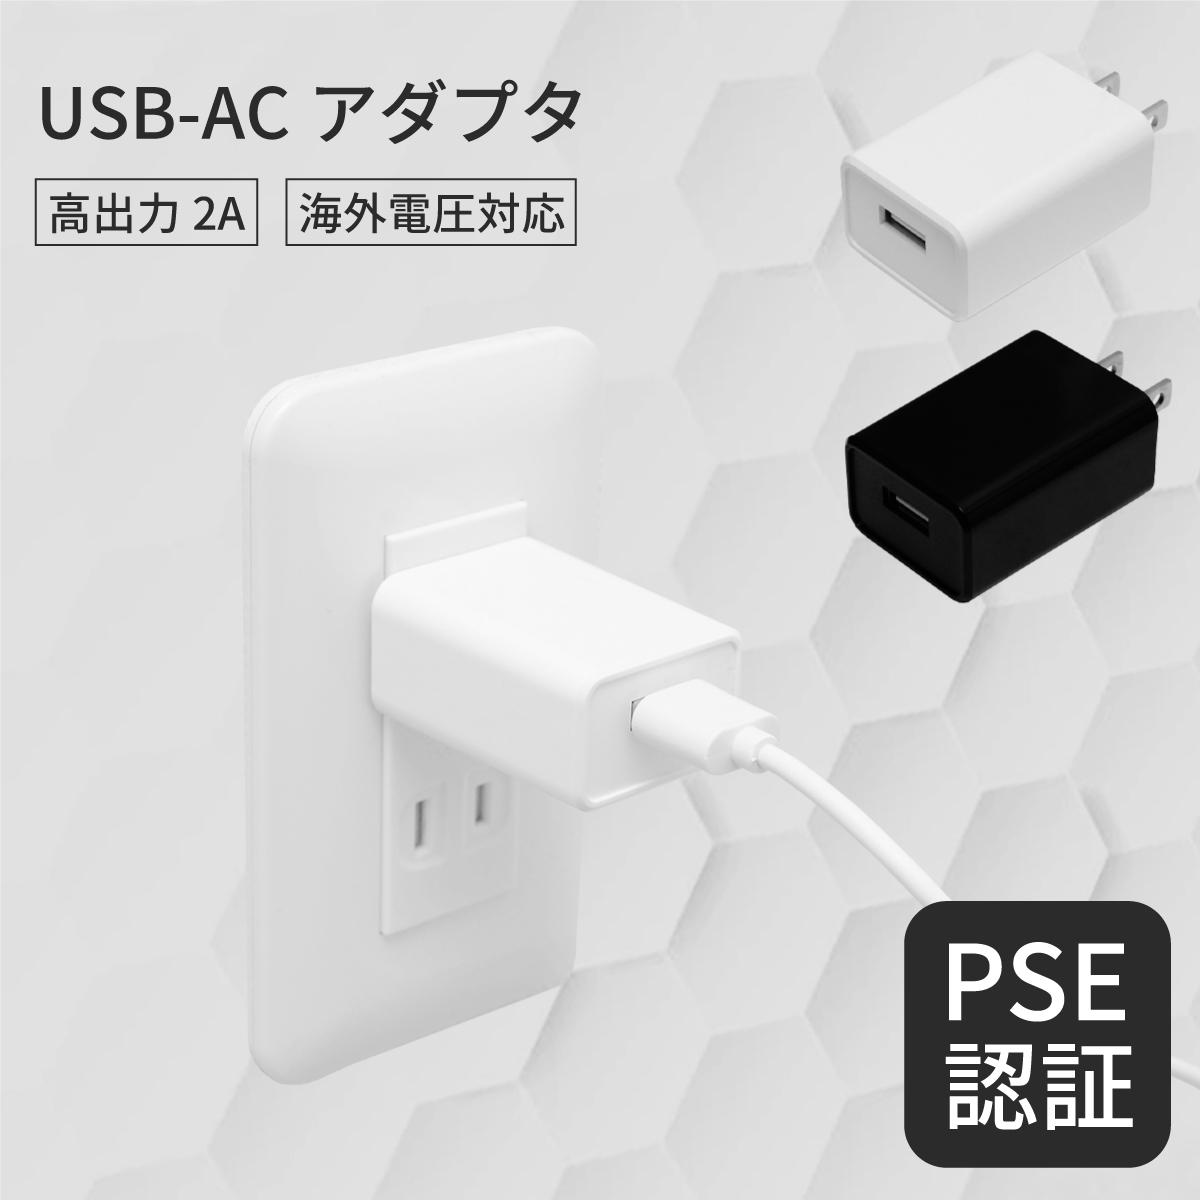 USB充電器 スマホ 充電器 USB-AC アダプタ 70%OFFアウトレット 急速充電 iPhone コンセント 卓越 ネコポス送料無料 アダプター USB 充電器USB-AC